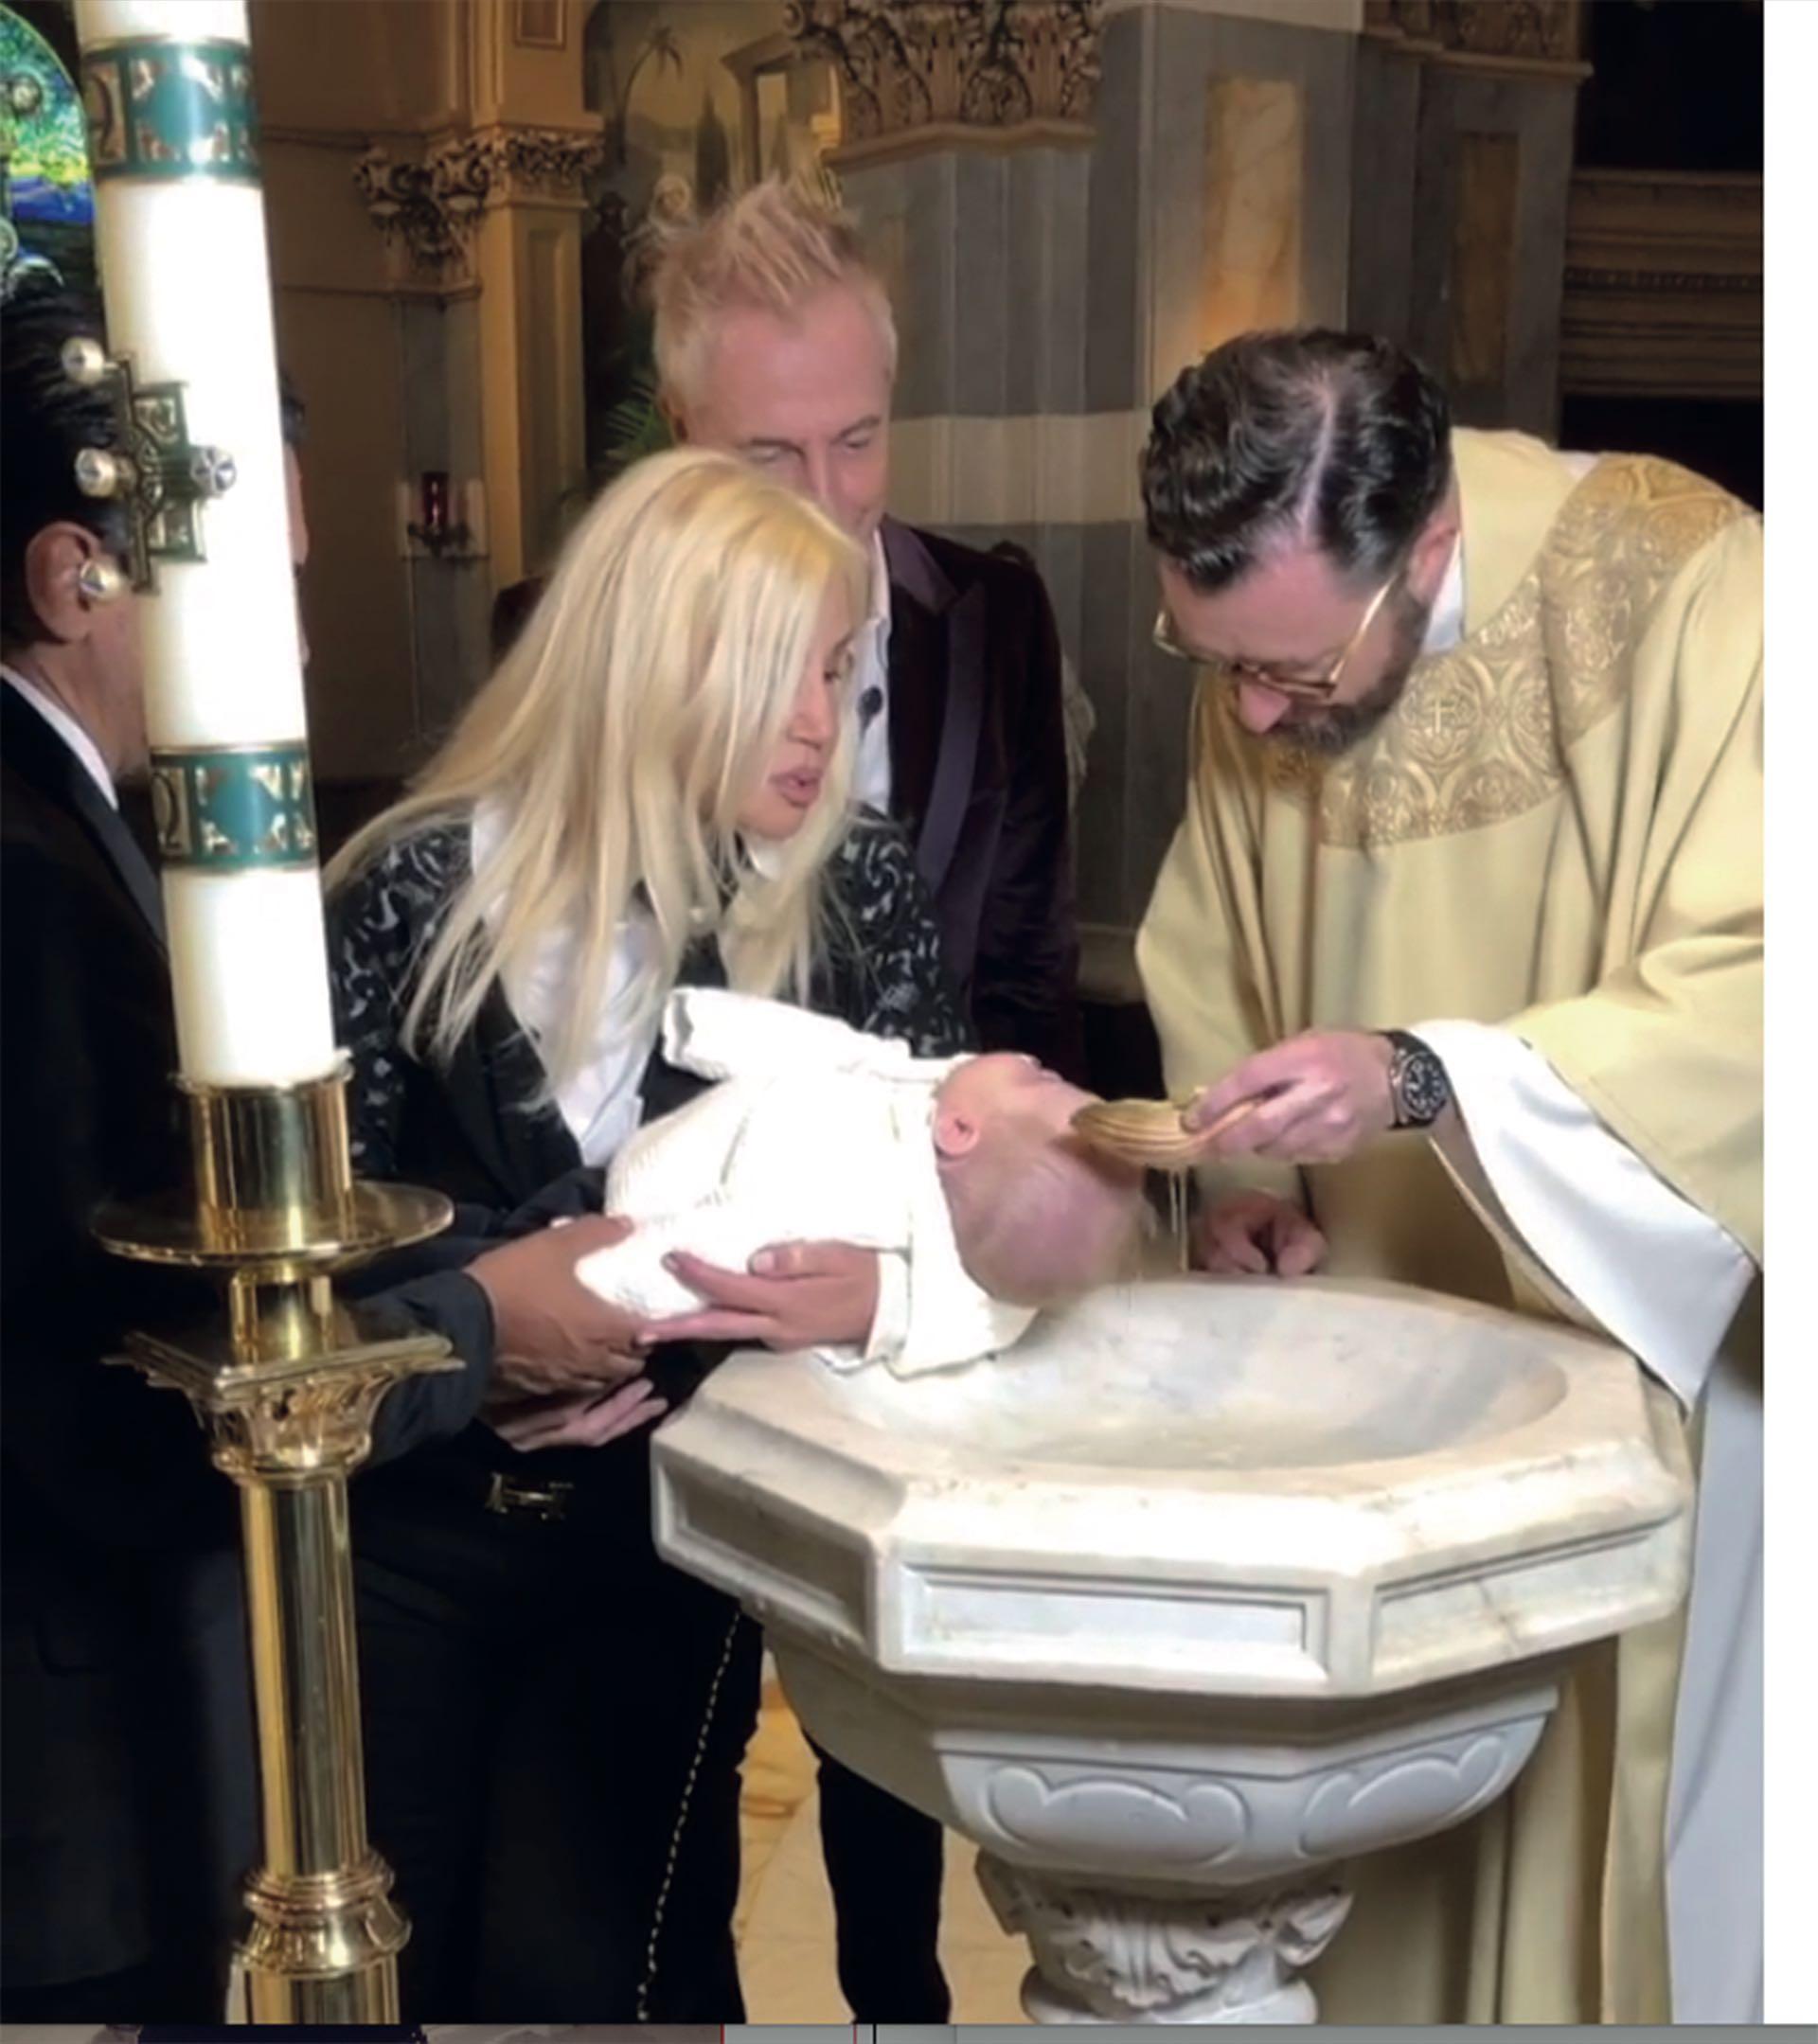 Mirko, en brazos de Susana Giménez fue ungido con el Santo Crisma .